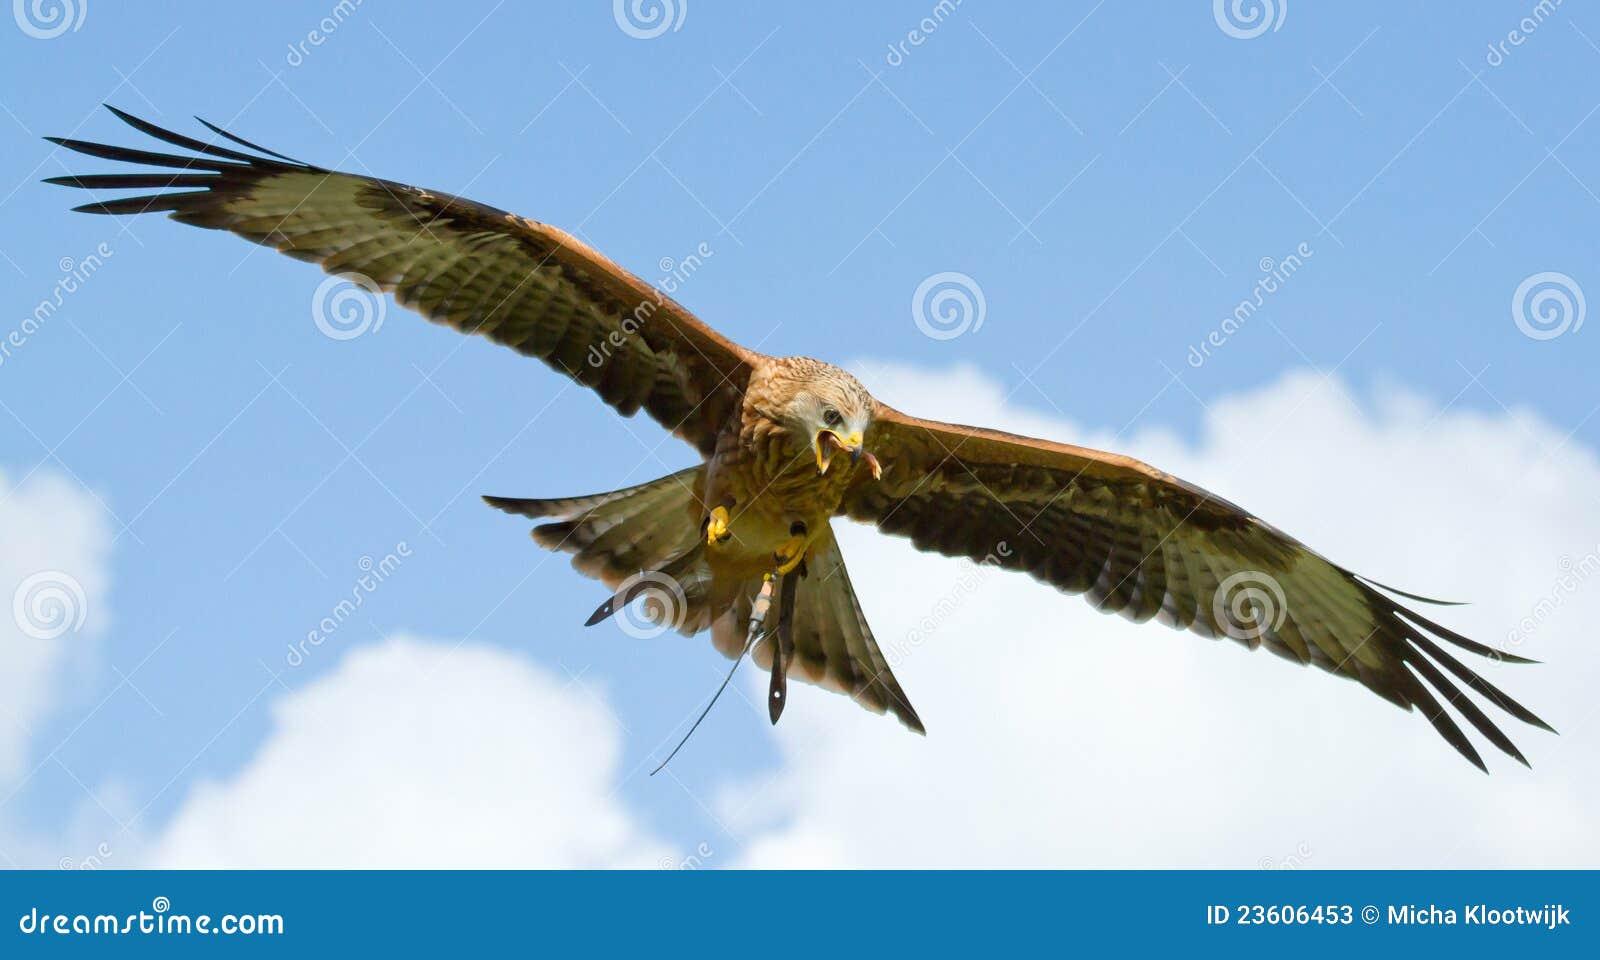 A long-legged buzzard